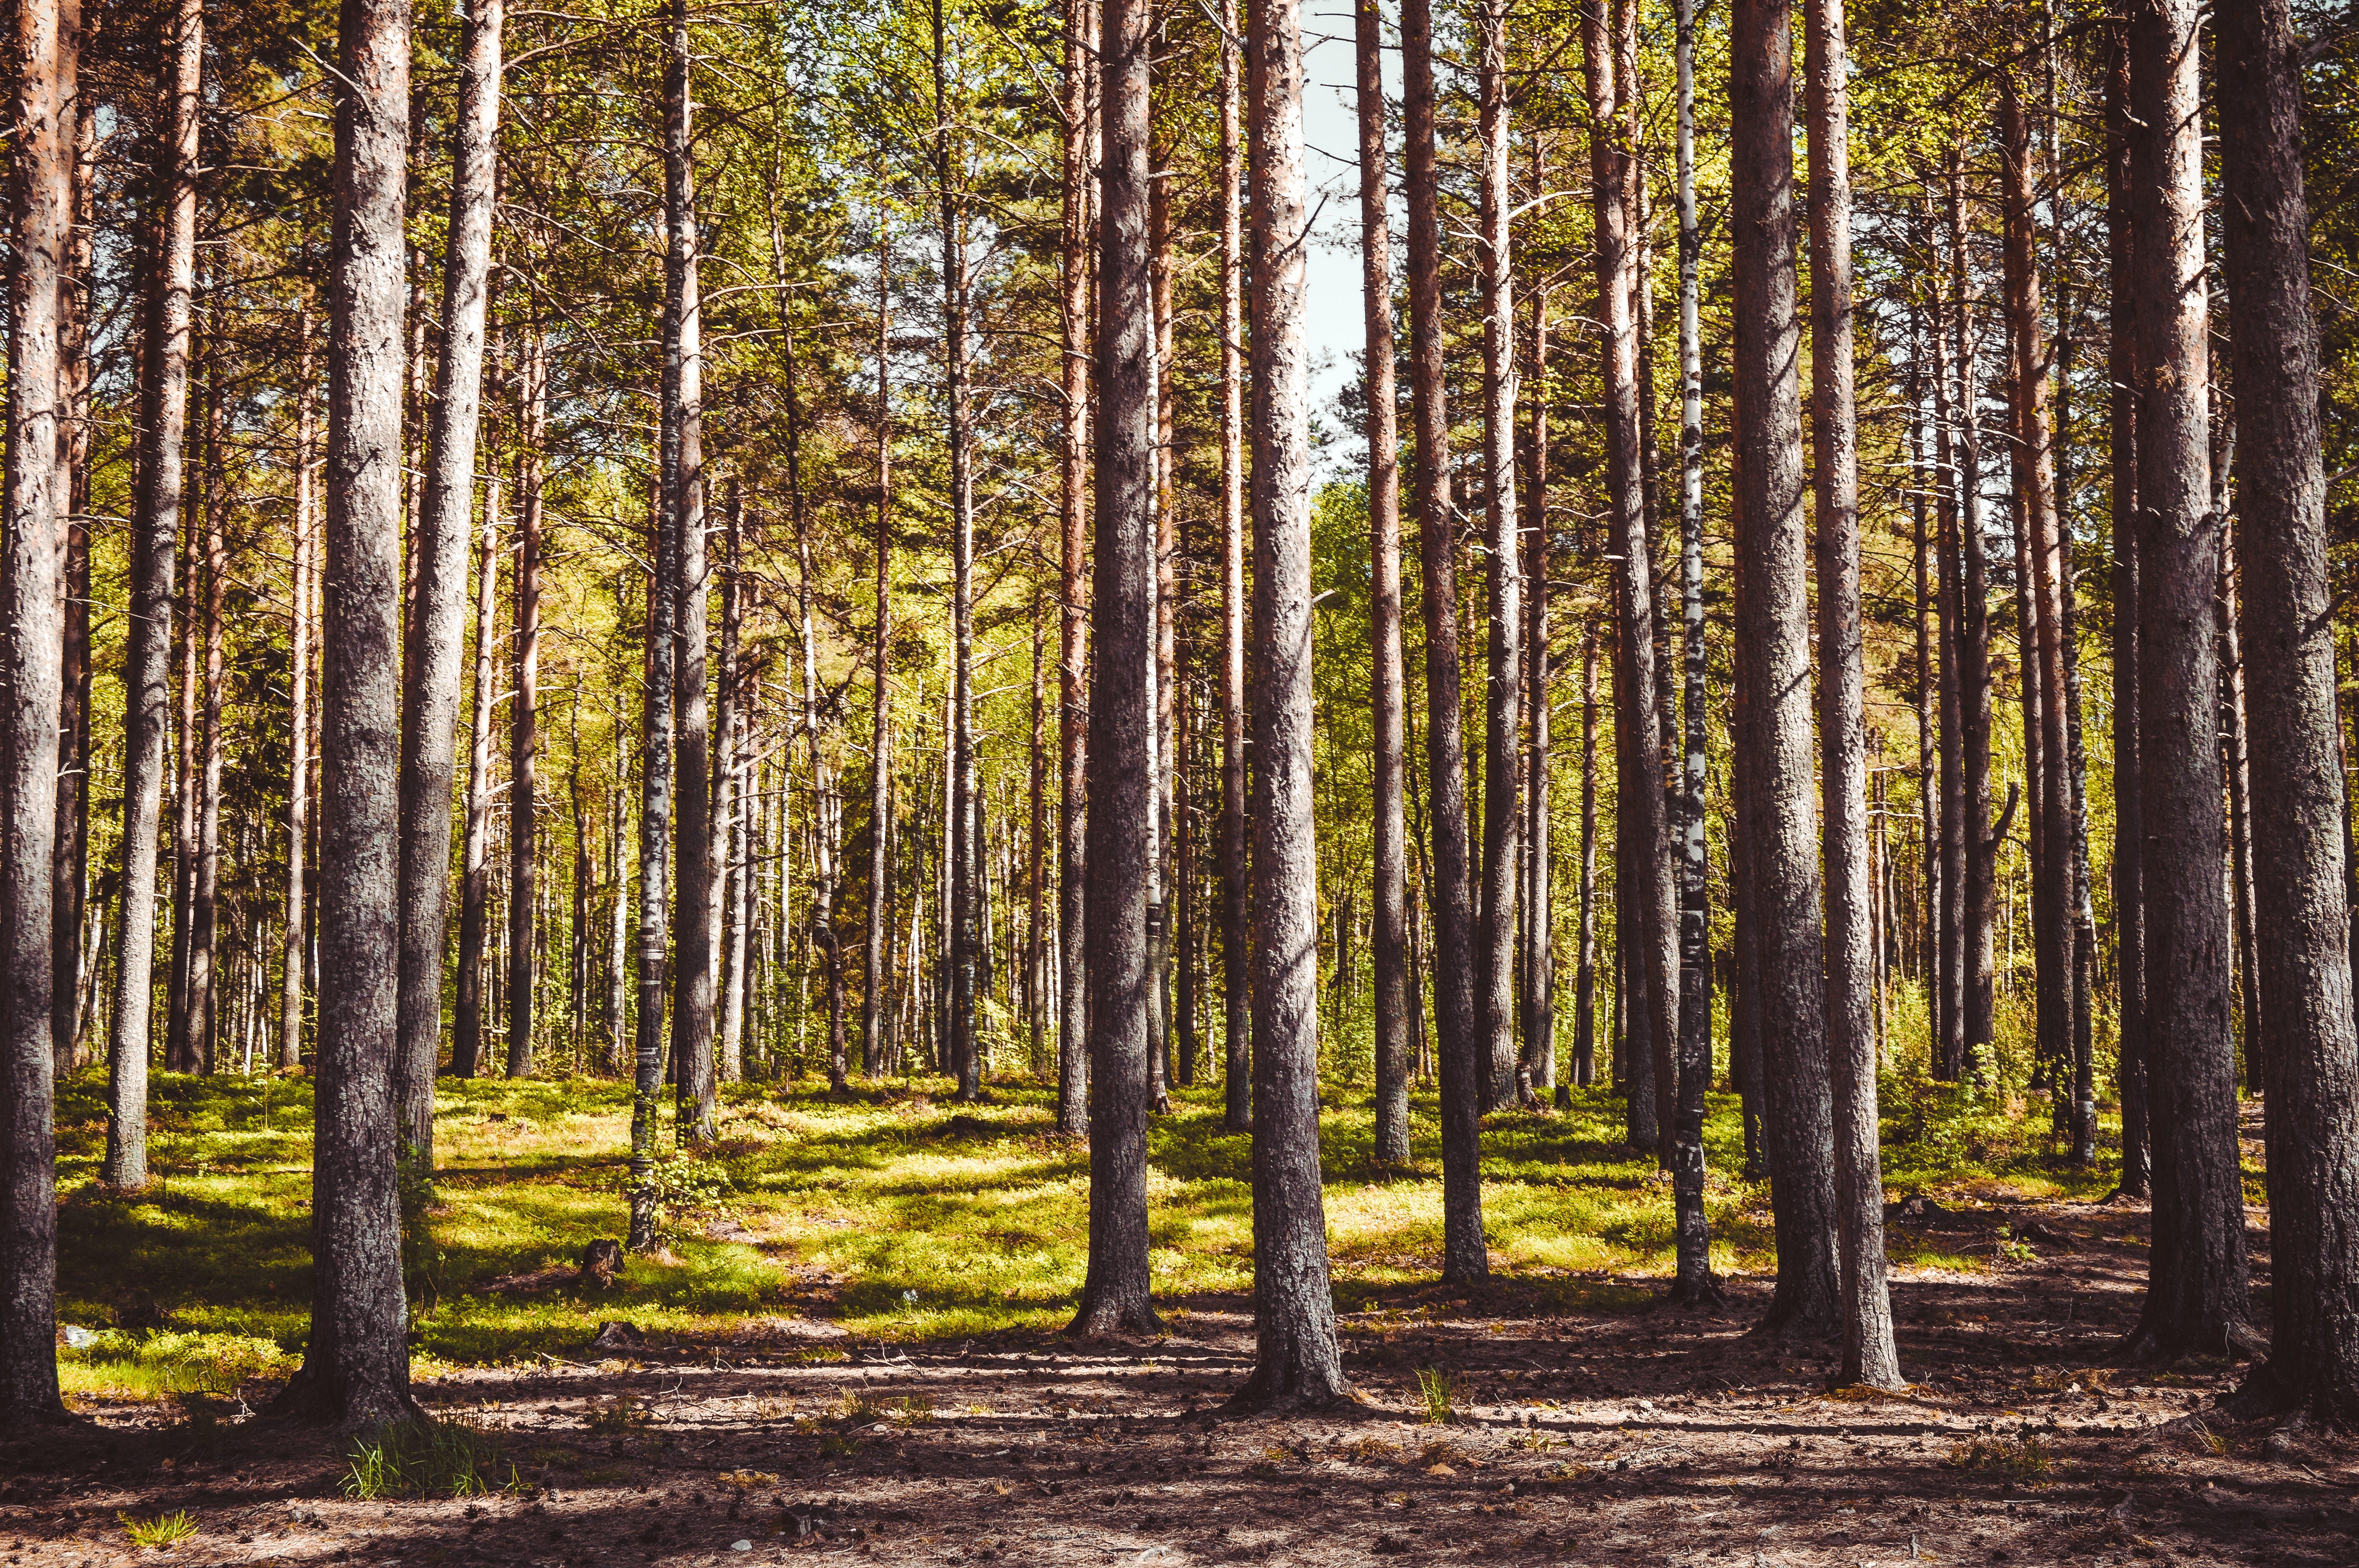 Kostenloses Stock Foto zu 4k wallpaper, badehose, bäume, baumstämme